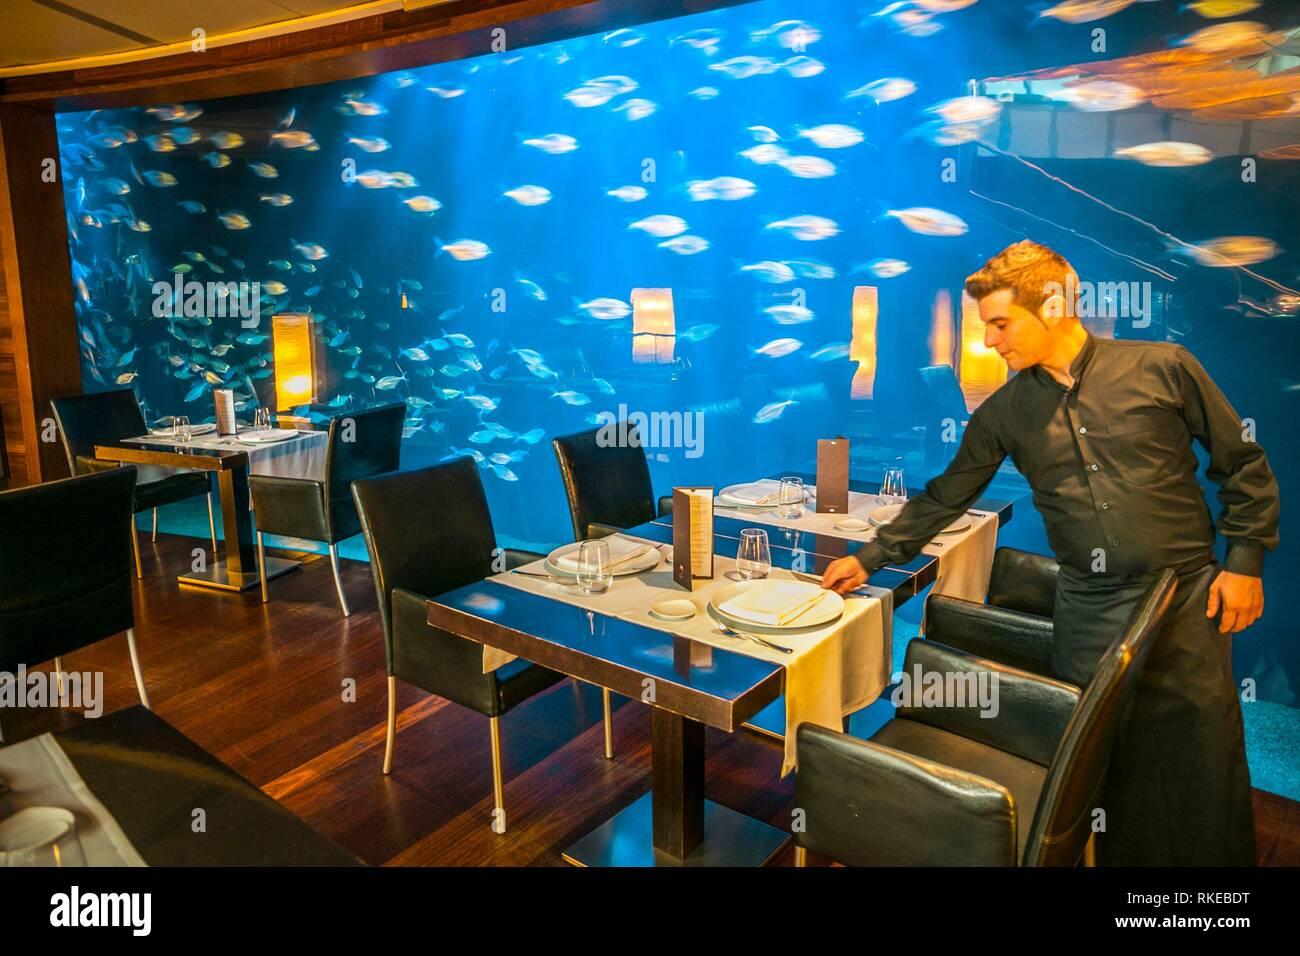 Submarino Restaurant. Oceanografic. City of Arts and Sciences. Valencia. Comunidad Valenciana. Spain. - Stock Image